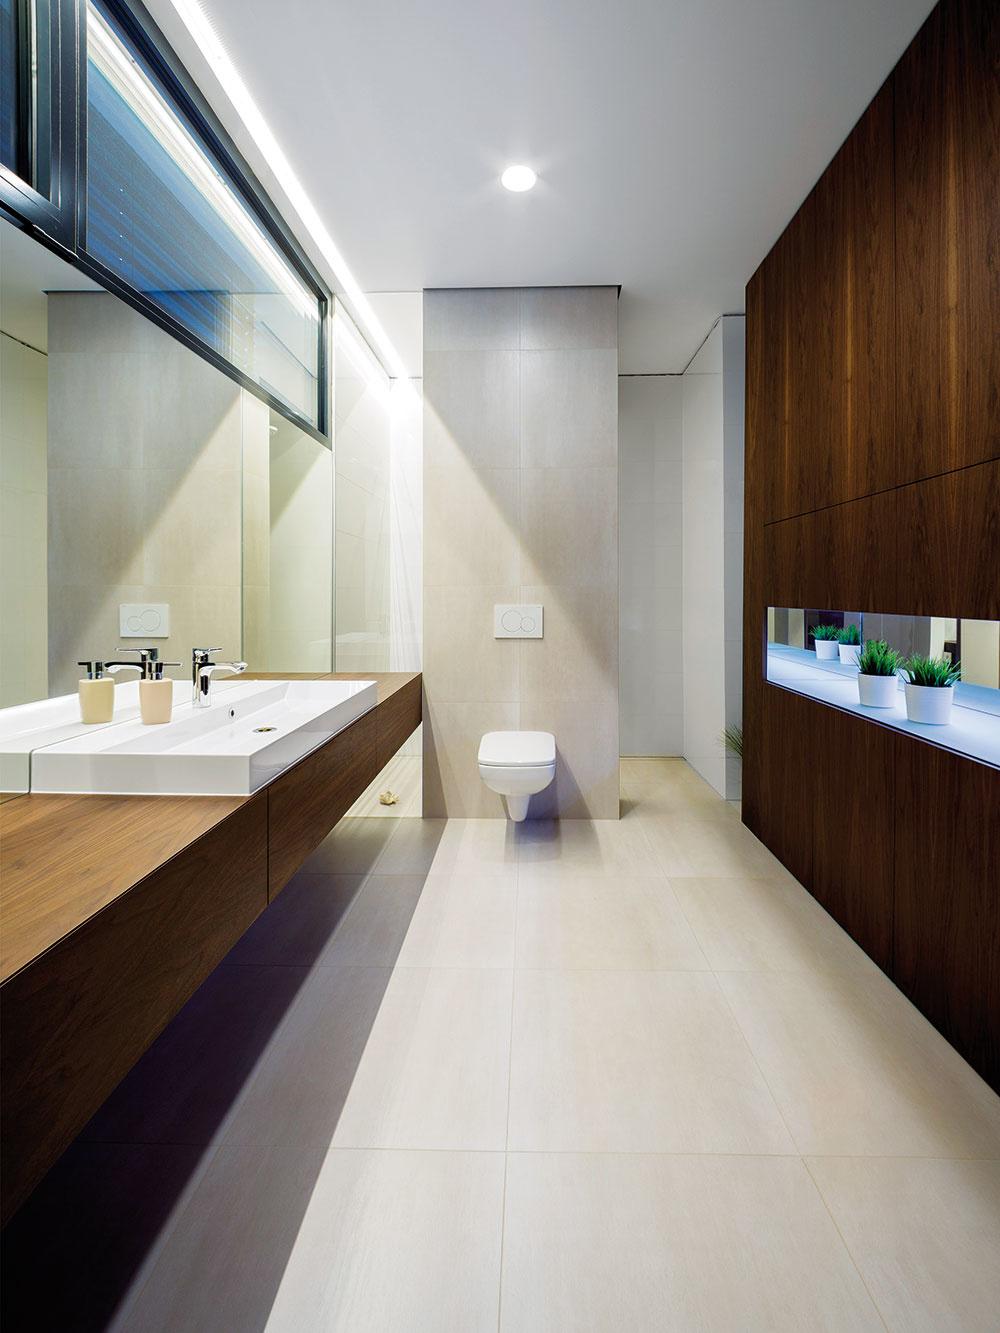 Vrodičovskej kúpeľni sa rovnako ako vcelom interiéri uplatnili prírodné materiály vich prirodzenej podobe. Architekti ich skombinovali smonochromatickými farbami – bielou aantracitovou.